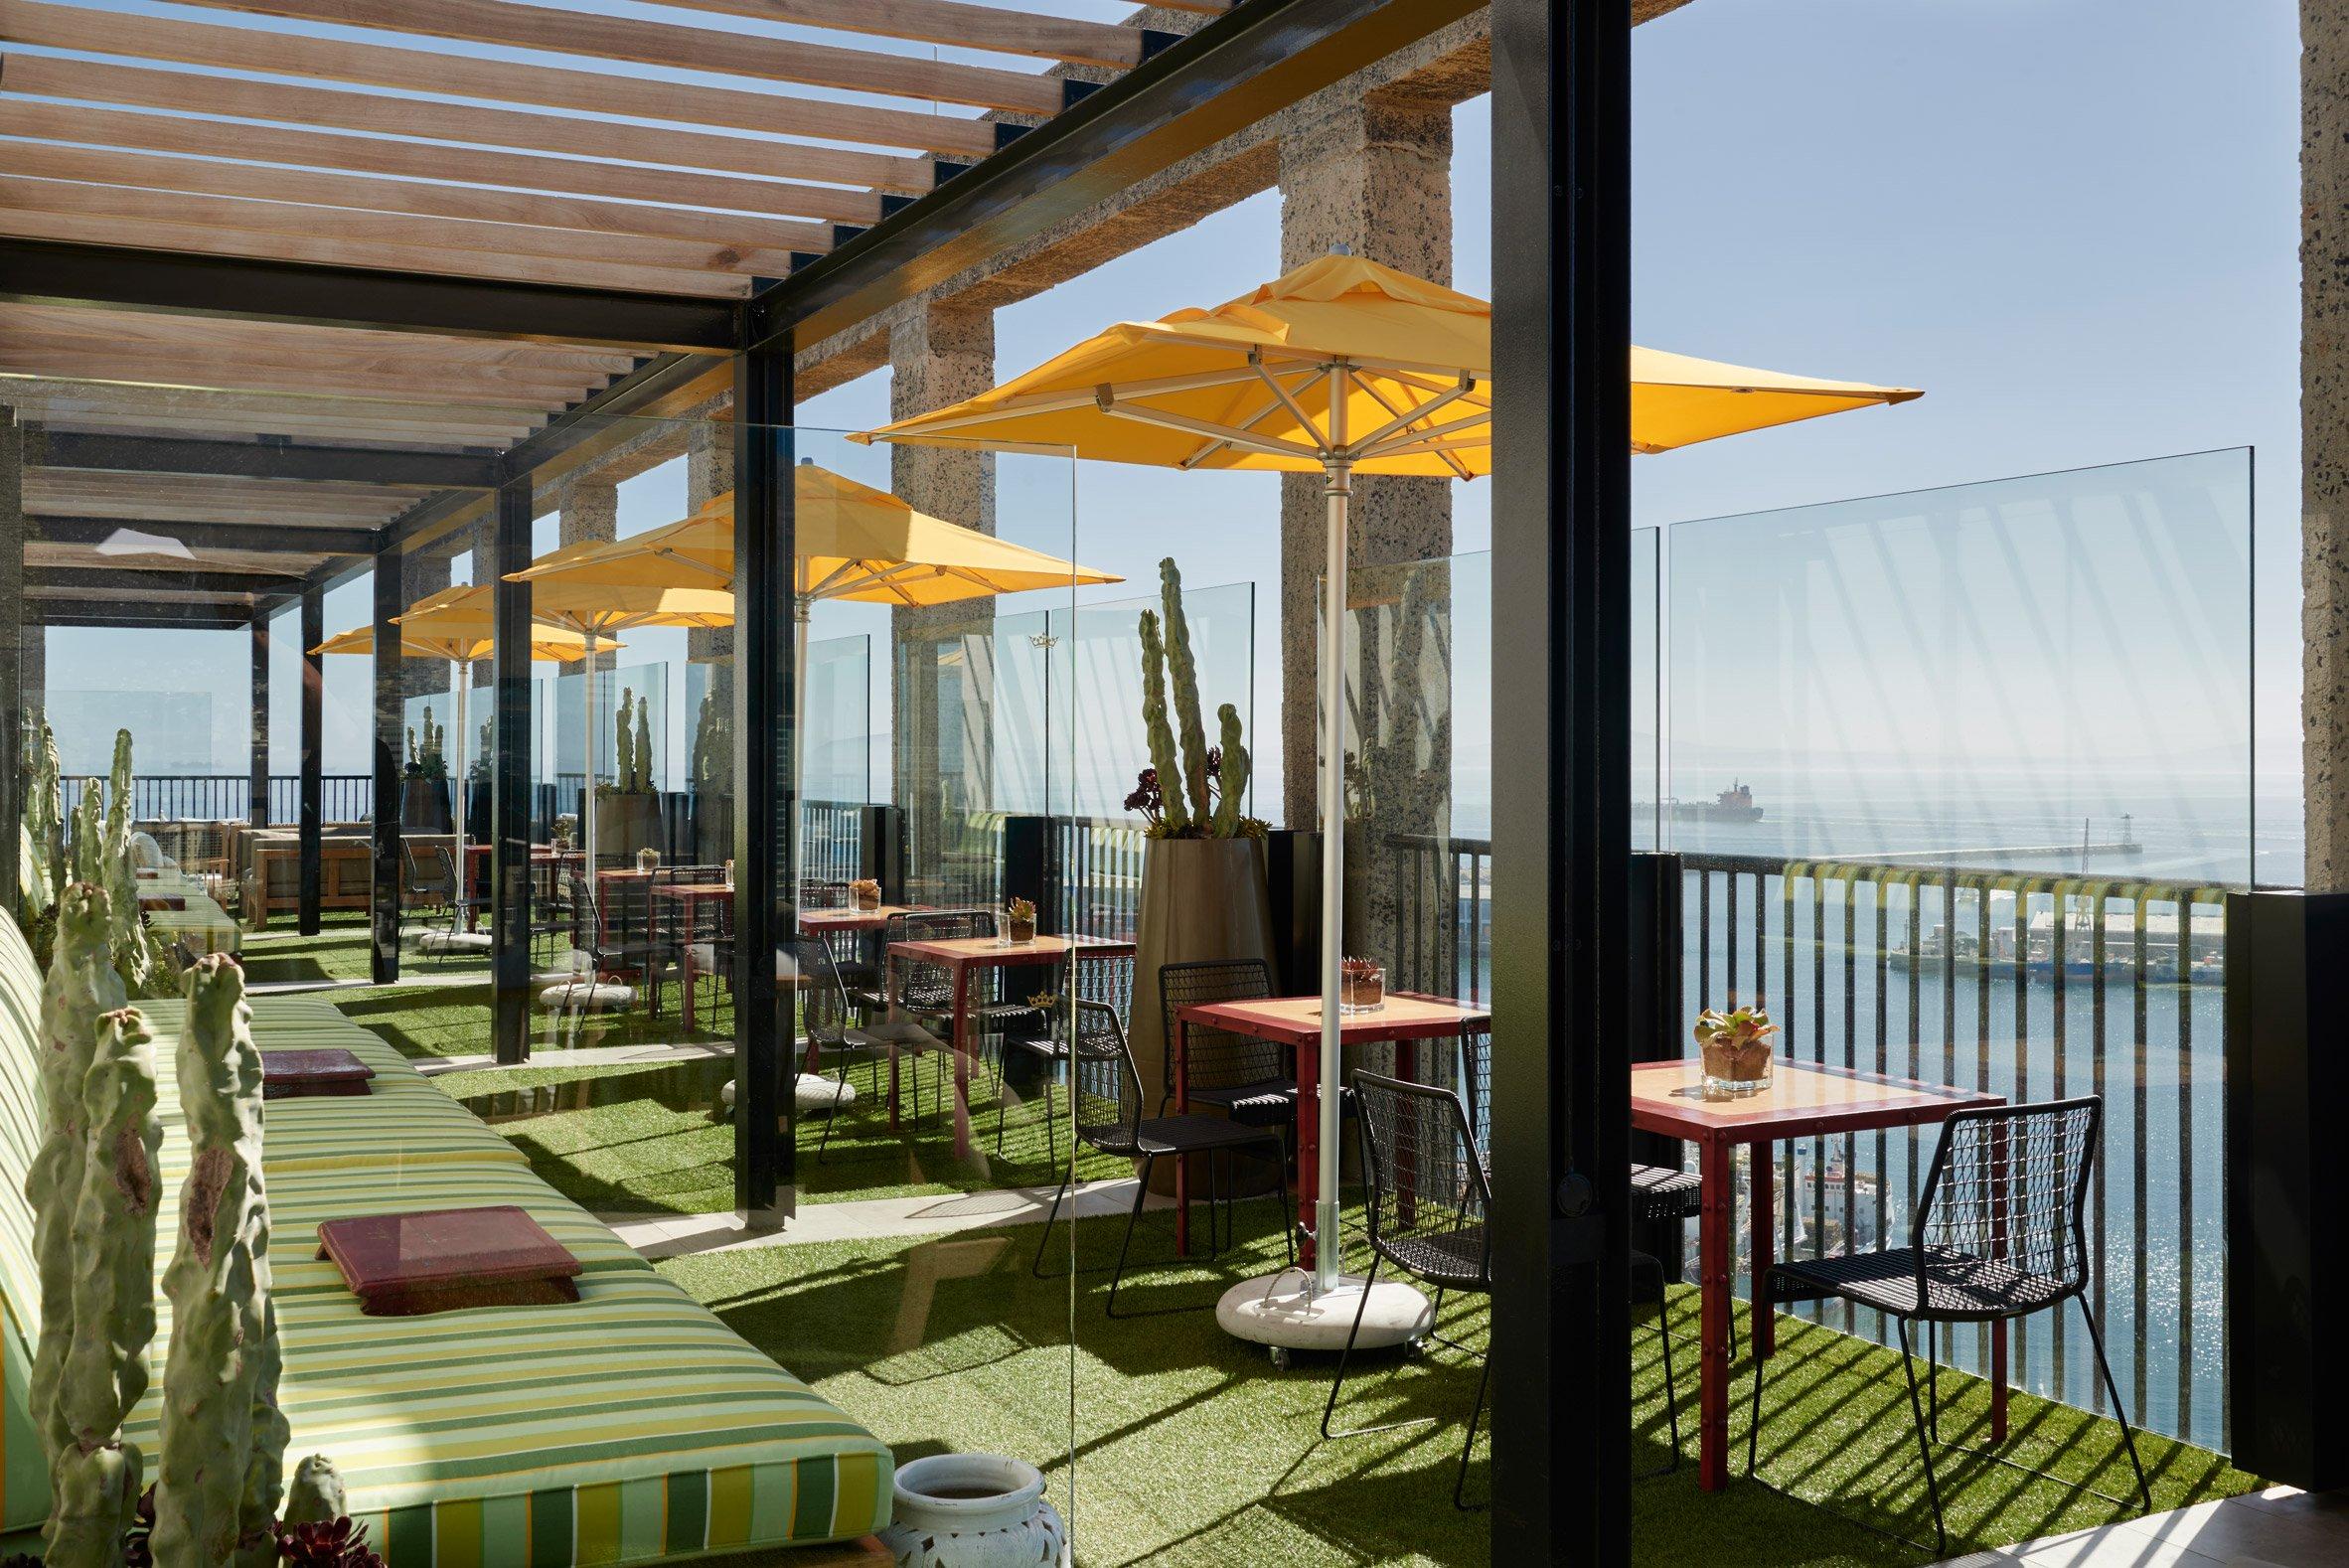 La terrazza / The Royal Portfolio hotel